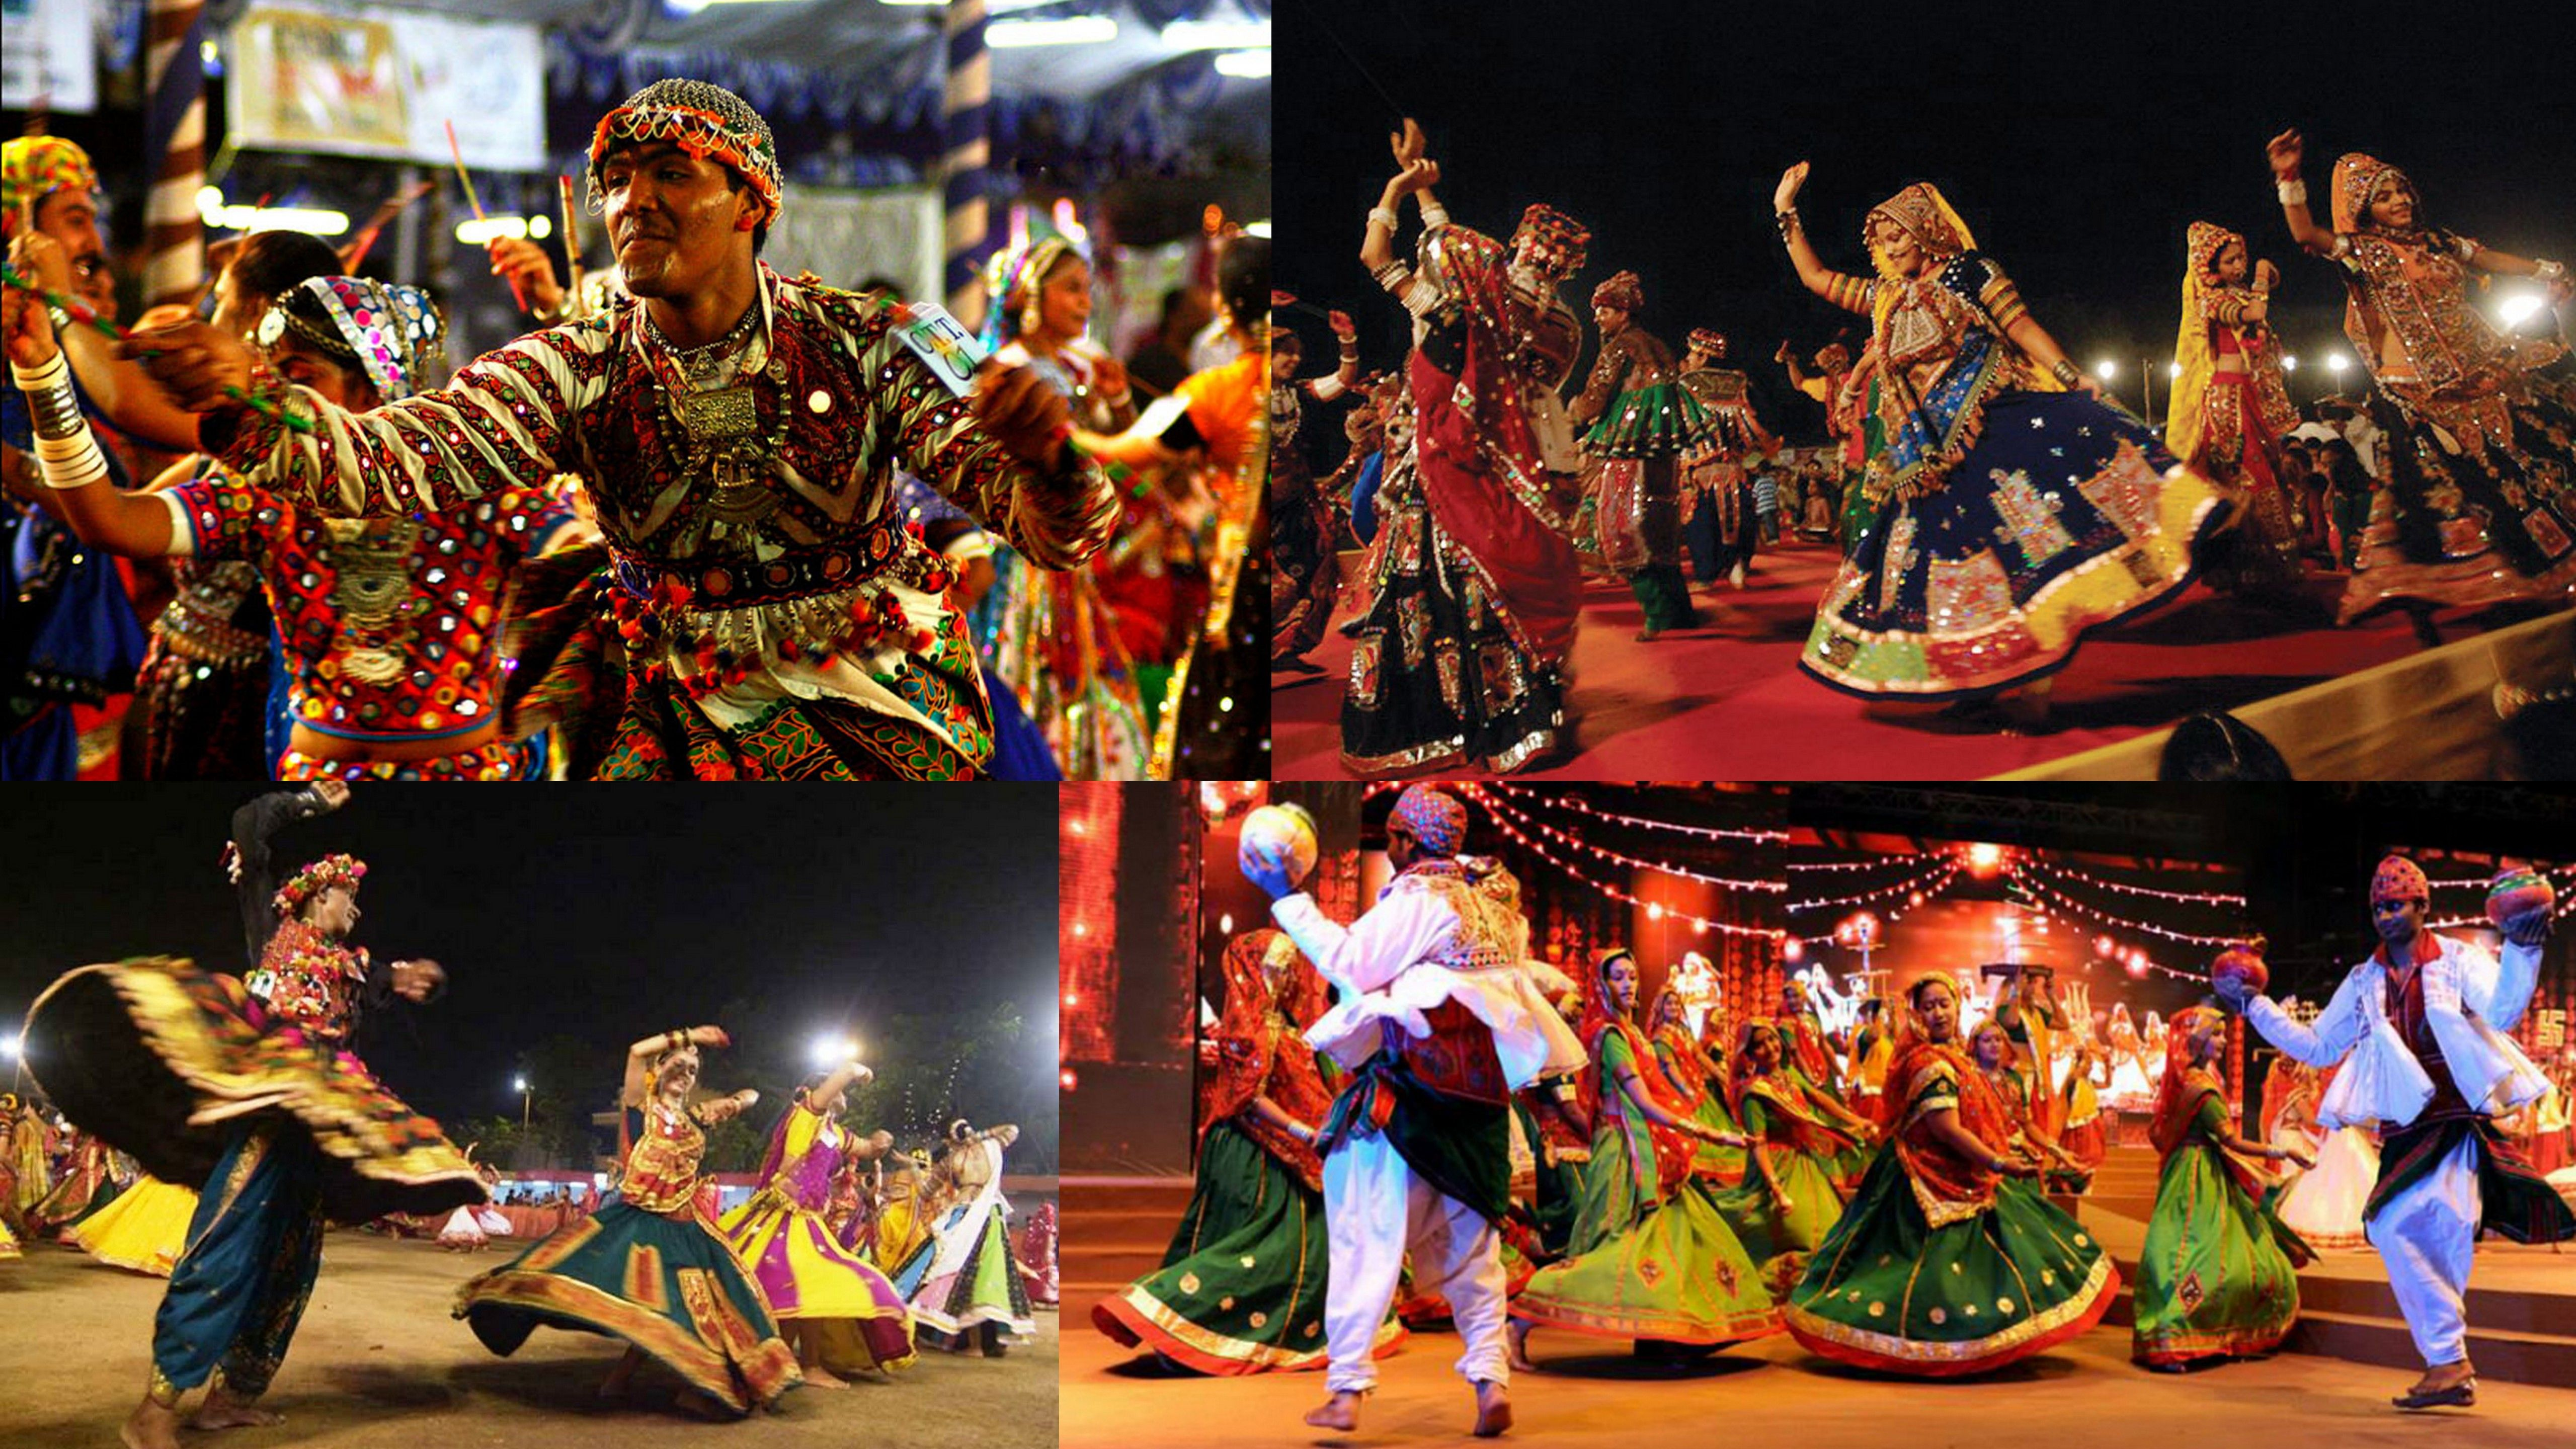 Gujarati Dandiya and Garba dance! | Dance | Pinterest | Garba dance ...